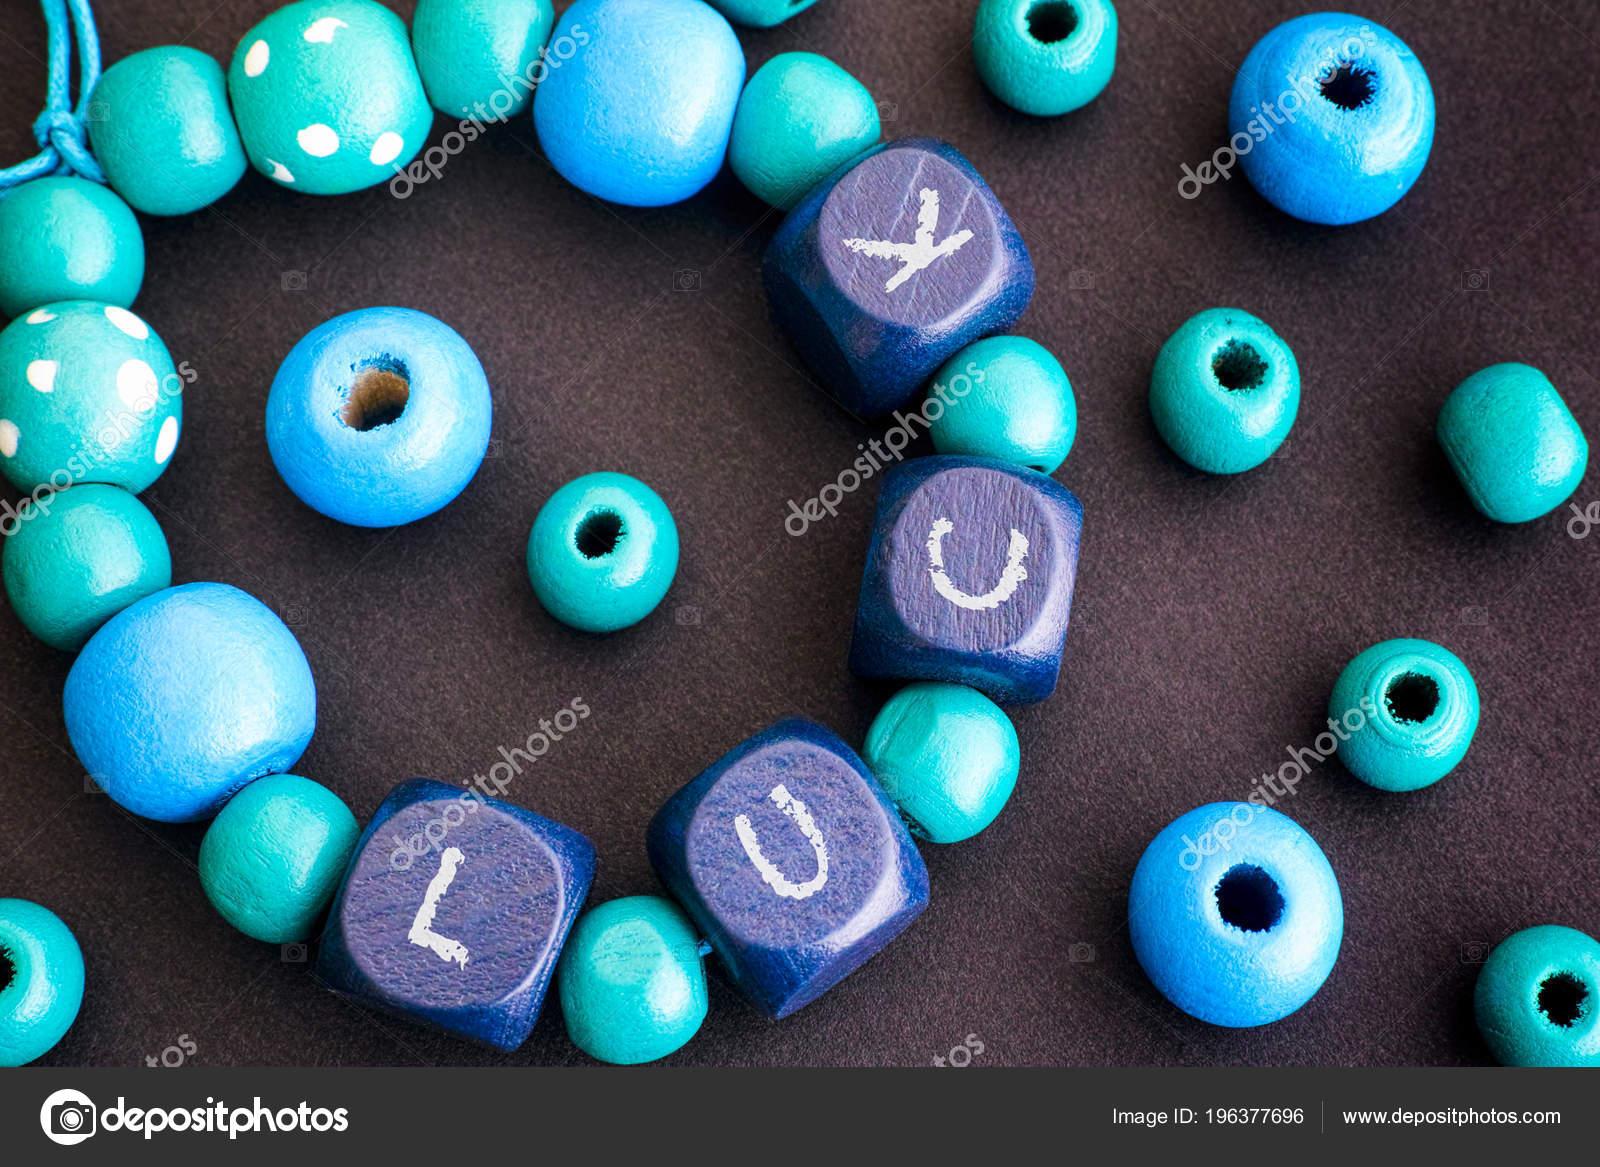 Pulseira Miçangas Madeira Azul Com Cartas Sorte Sobre Fundo Preto